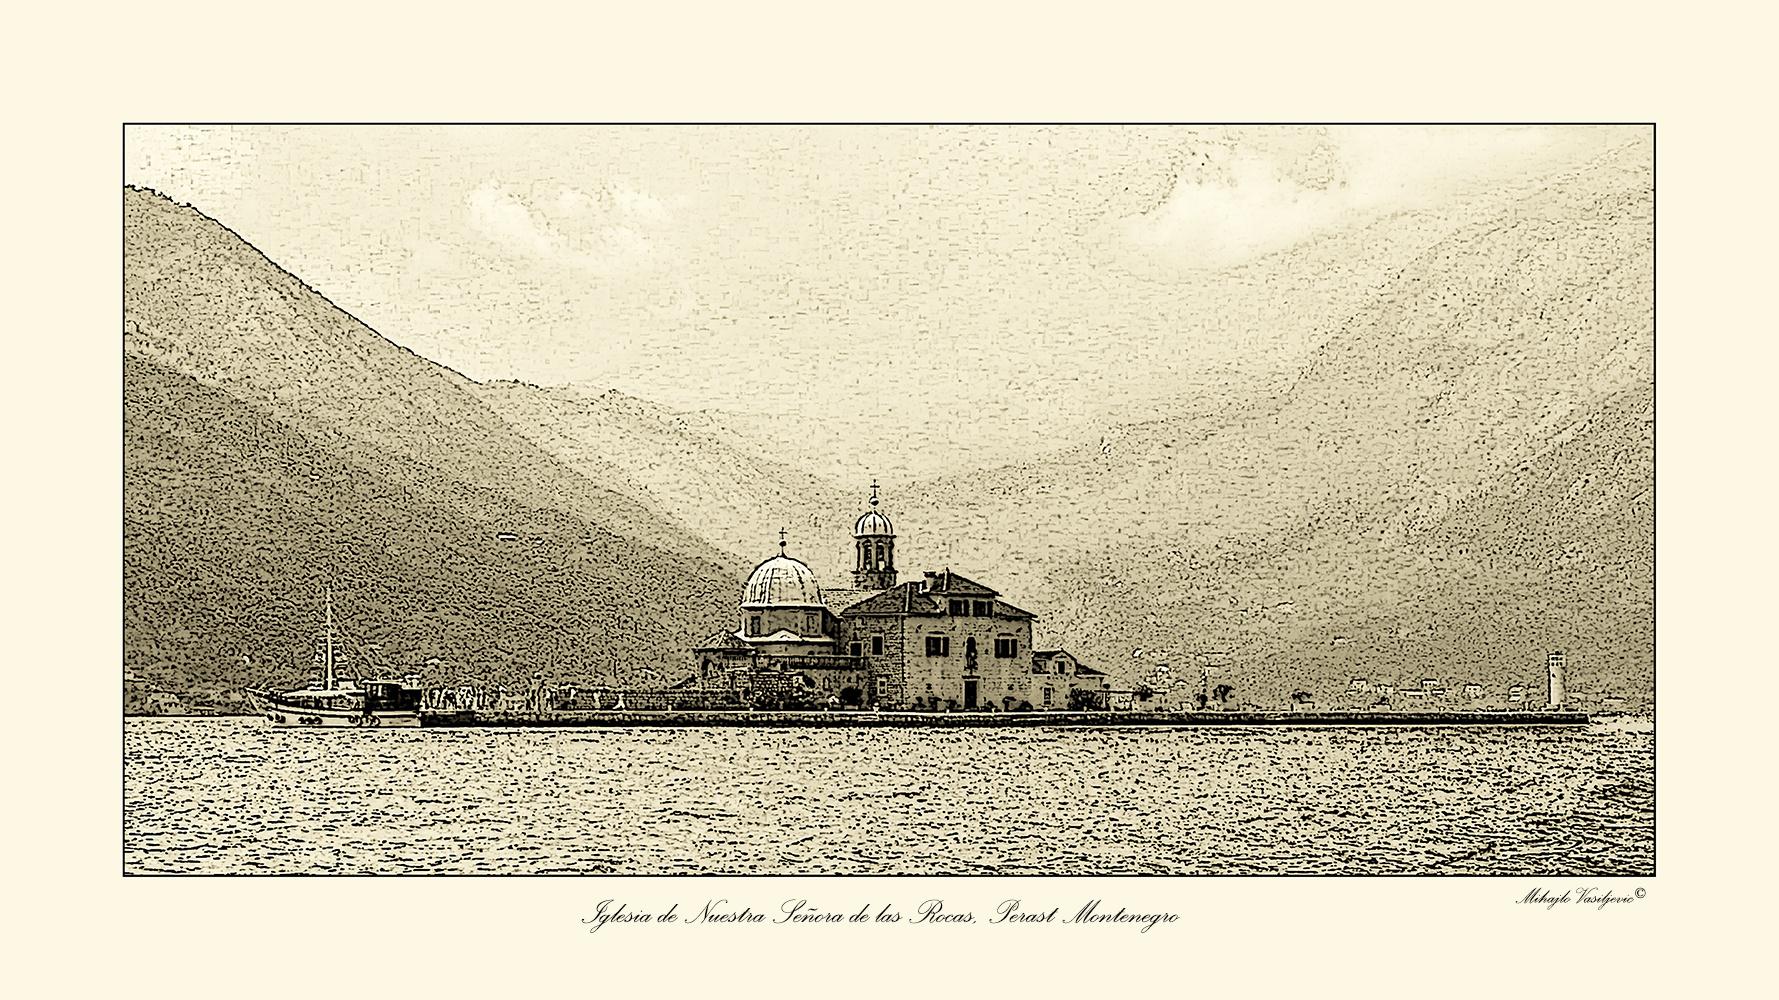 Iglesia de Nuestra Señora de las Rocas Perast Montenegro